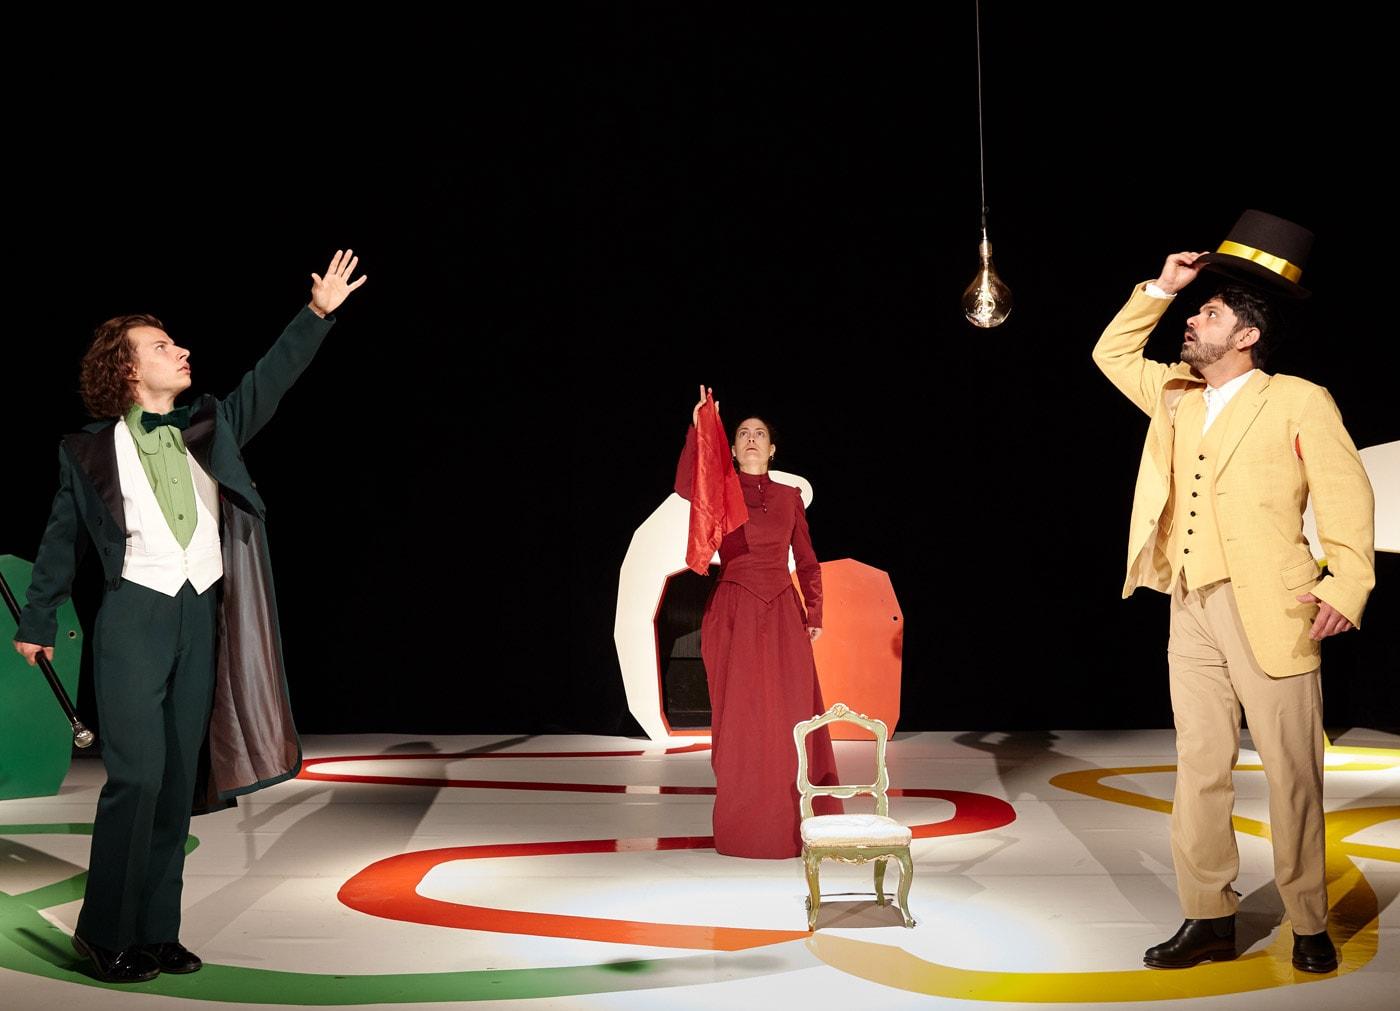 Kindertheater-Stück in München: Der Apfelwald für Kinder ab vier Jahren in der Schauburg // HIMBEER